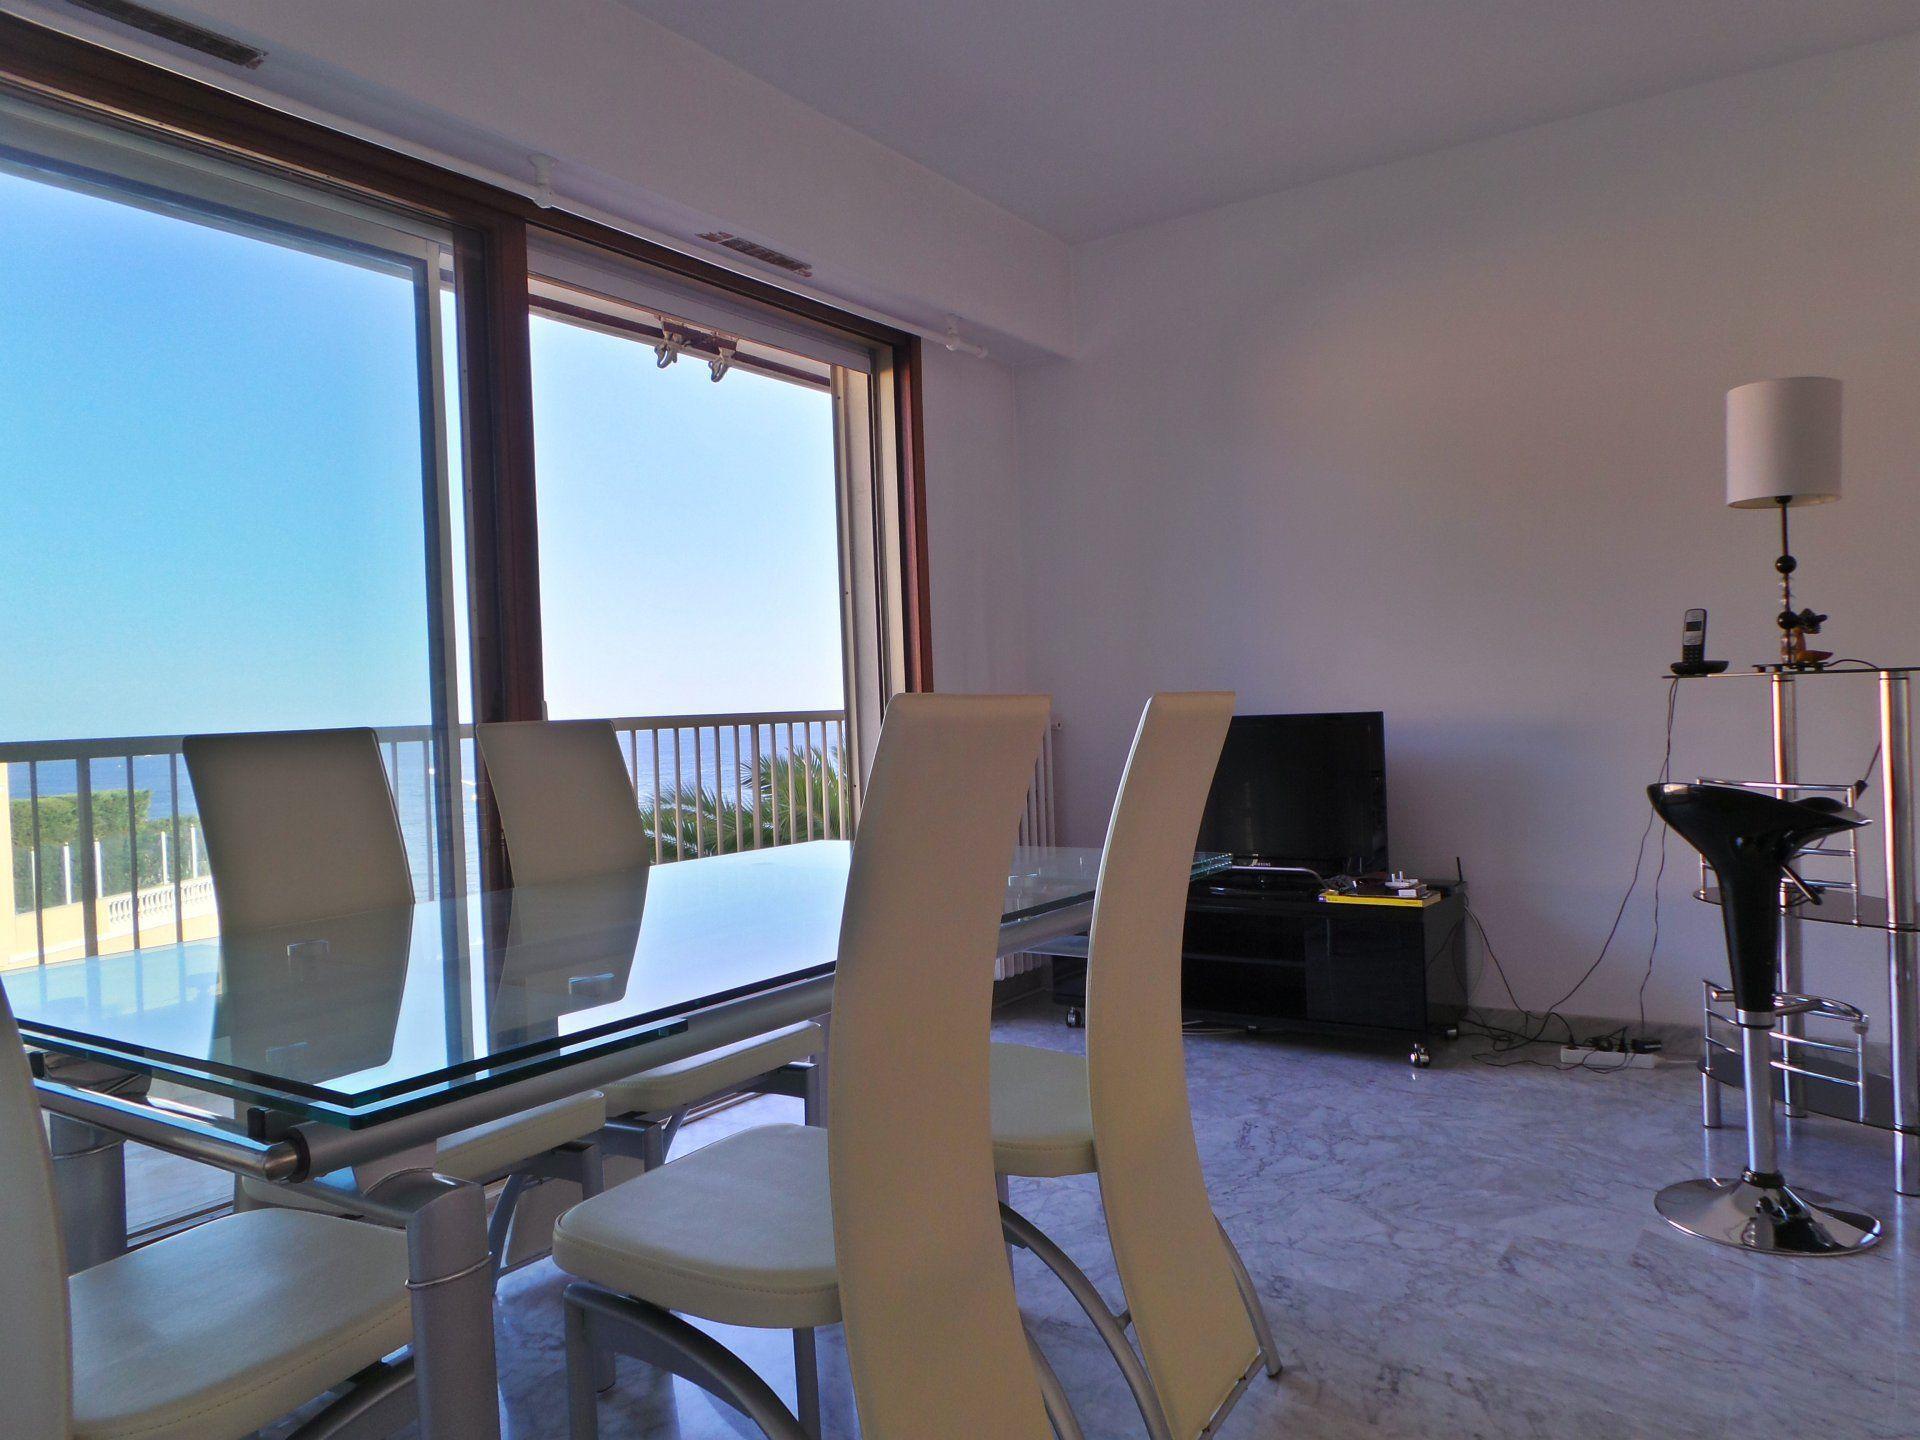 47980d5e982bb53adcfed5d847781cf1 Unique De Chauffage Terrasse Professionnel Schème